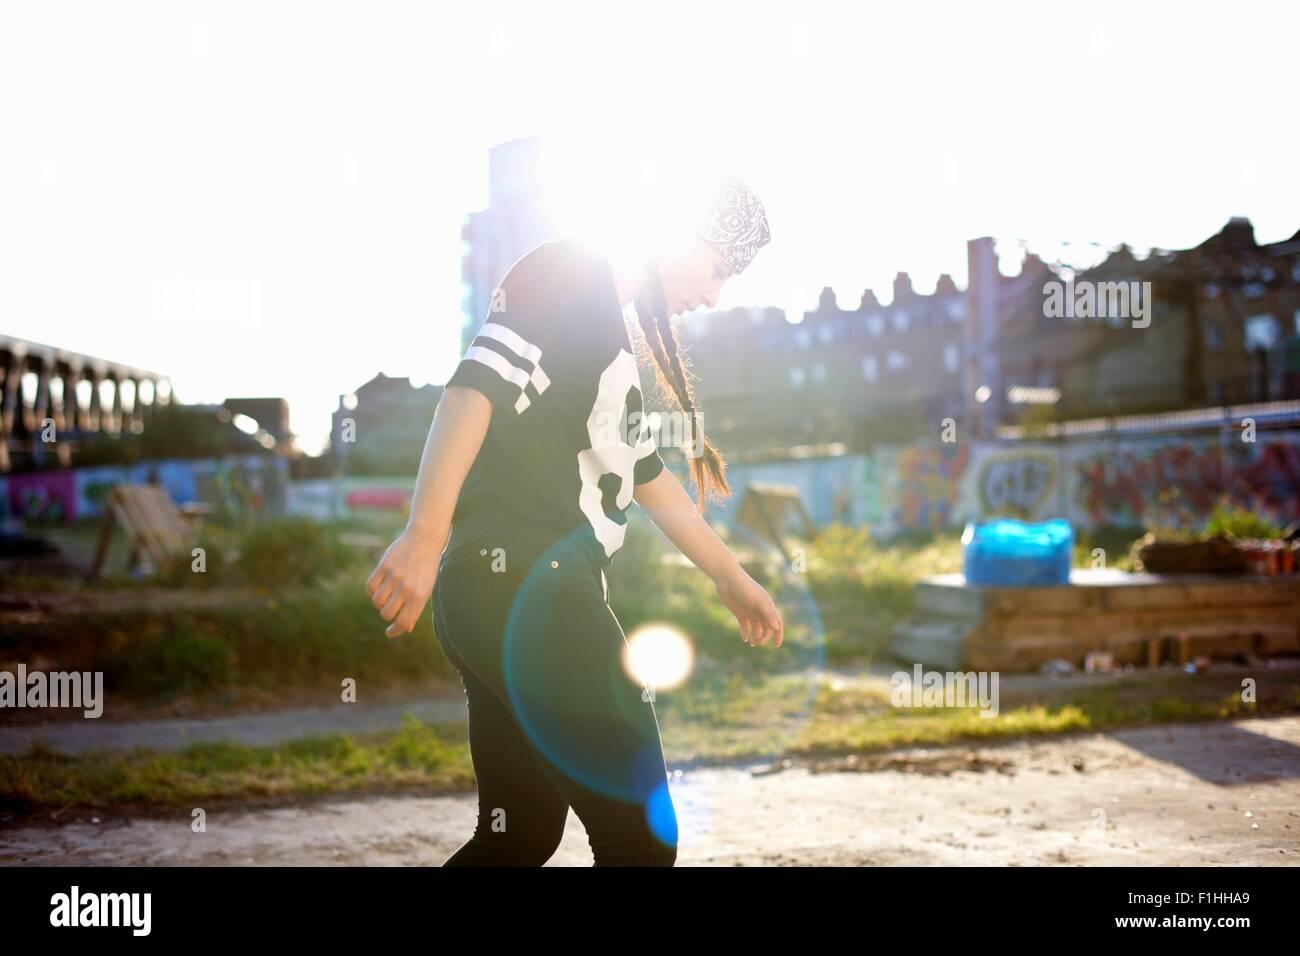 Junge Frauen tanzen in der Sonne, Hintergrundbeleuchtung Stockbild